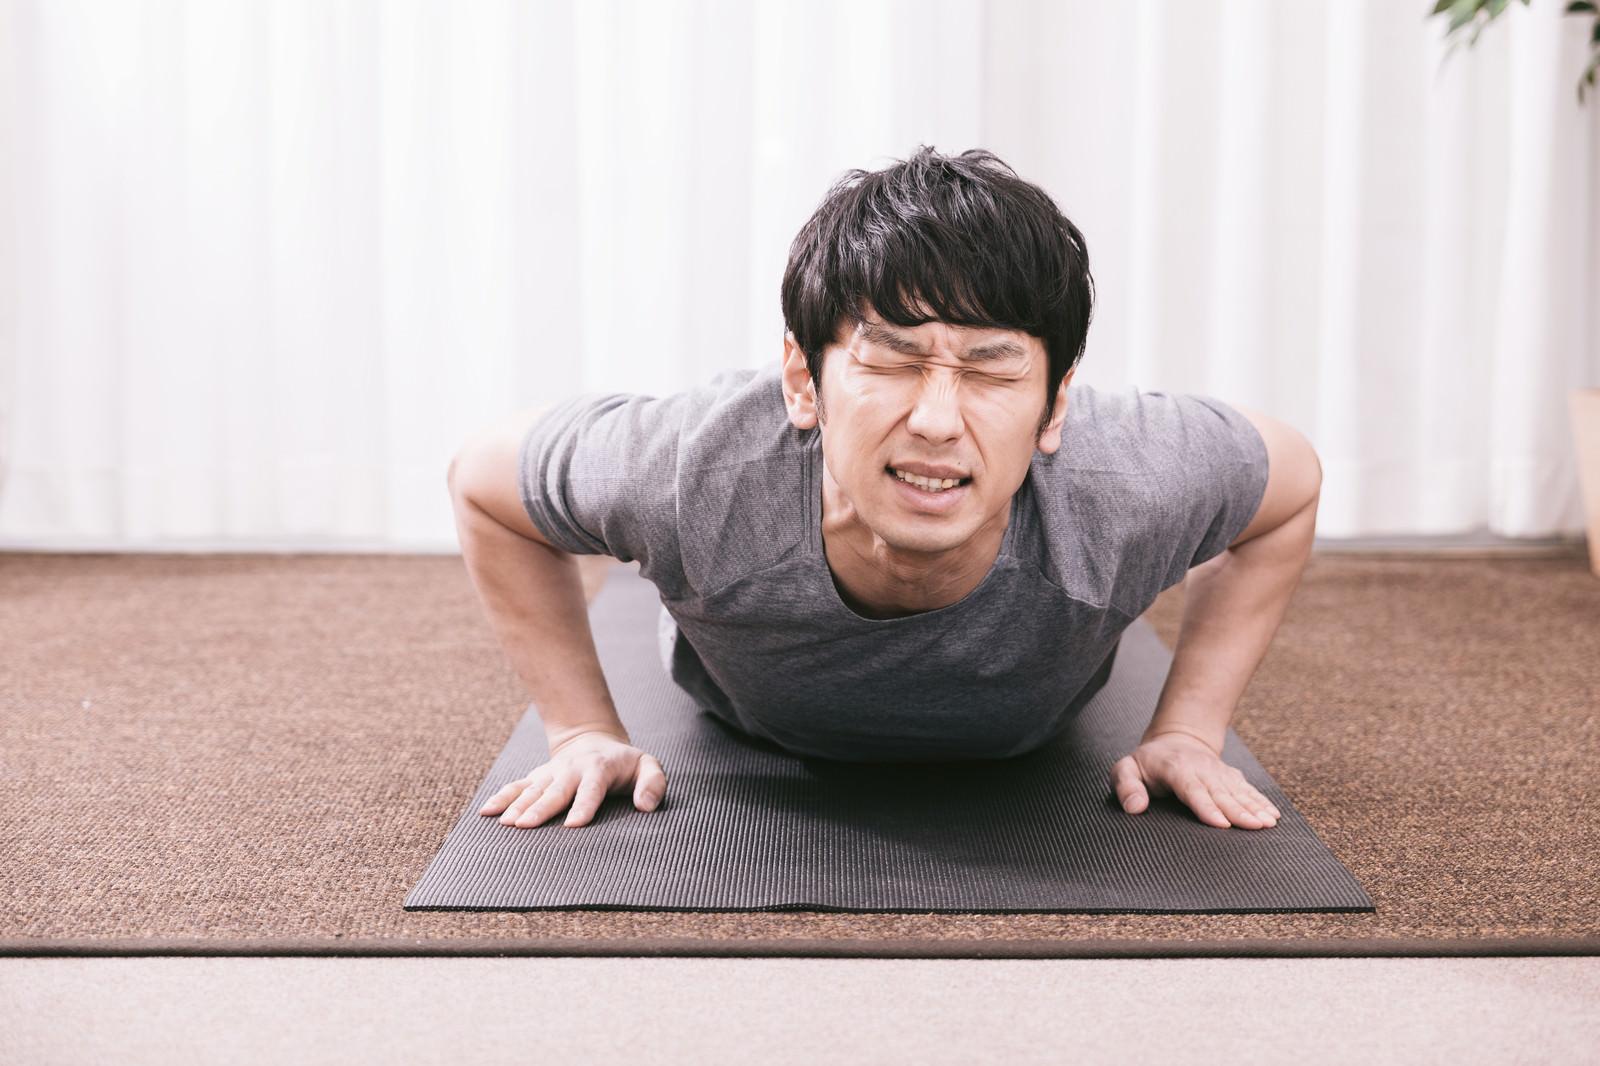 「疲労物質が溜まり苦痛に顔を歪める男性」の写真[モデル:大川竜弥]